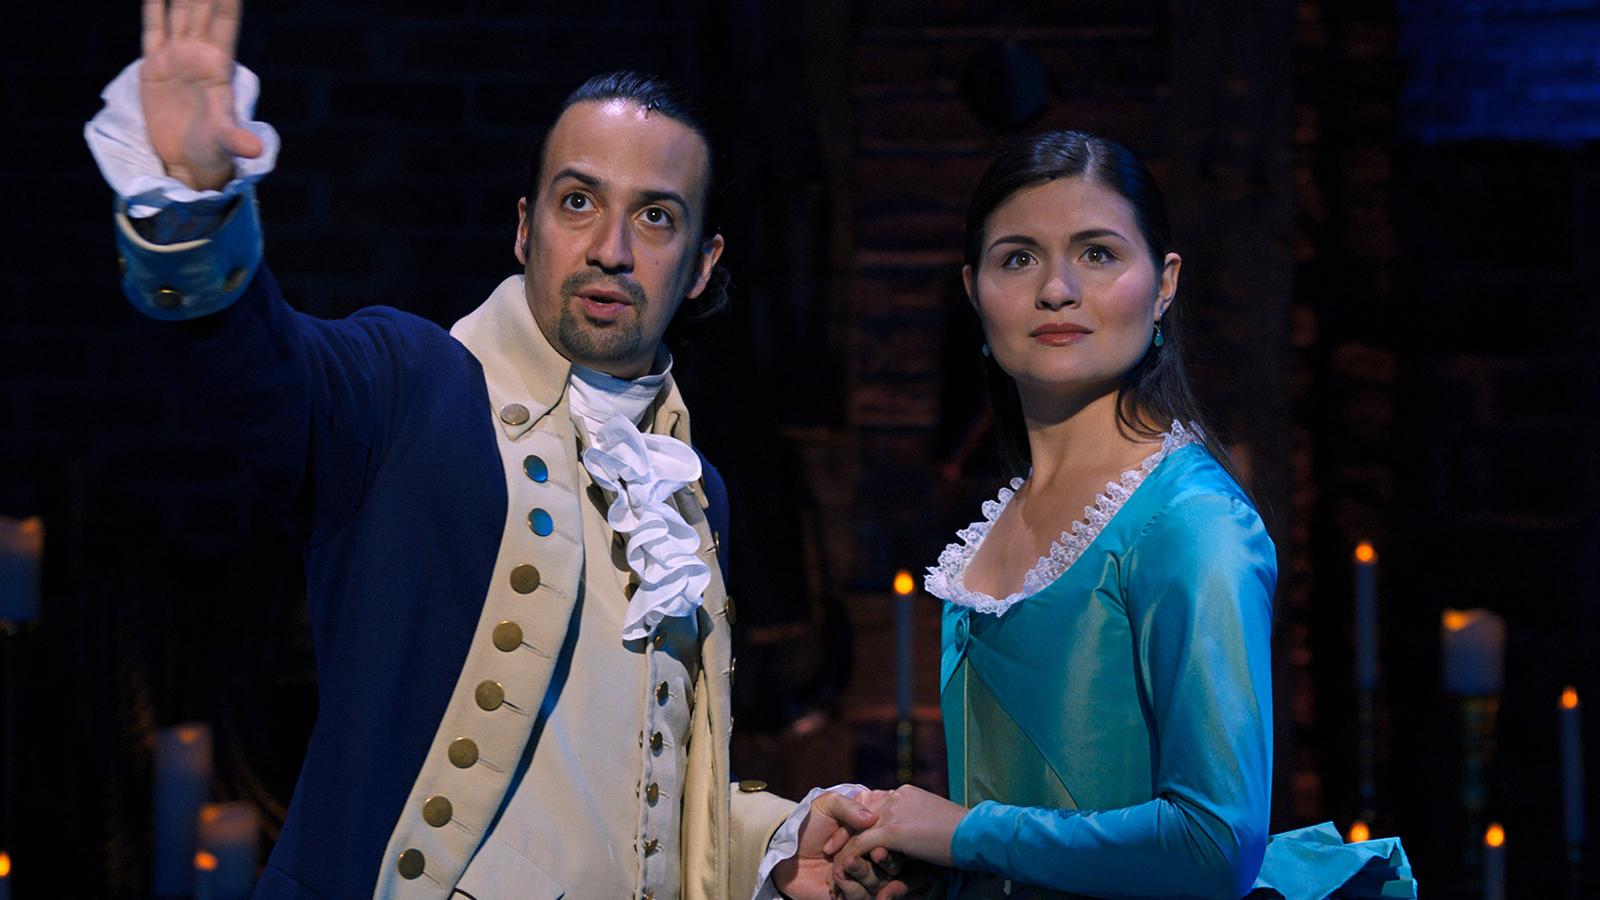 Lin-Manuel Miranda appears as Hamilton alongside Phillipa Soo as Eliza.